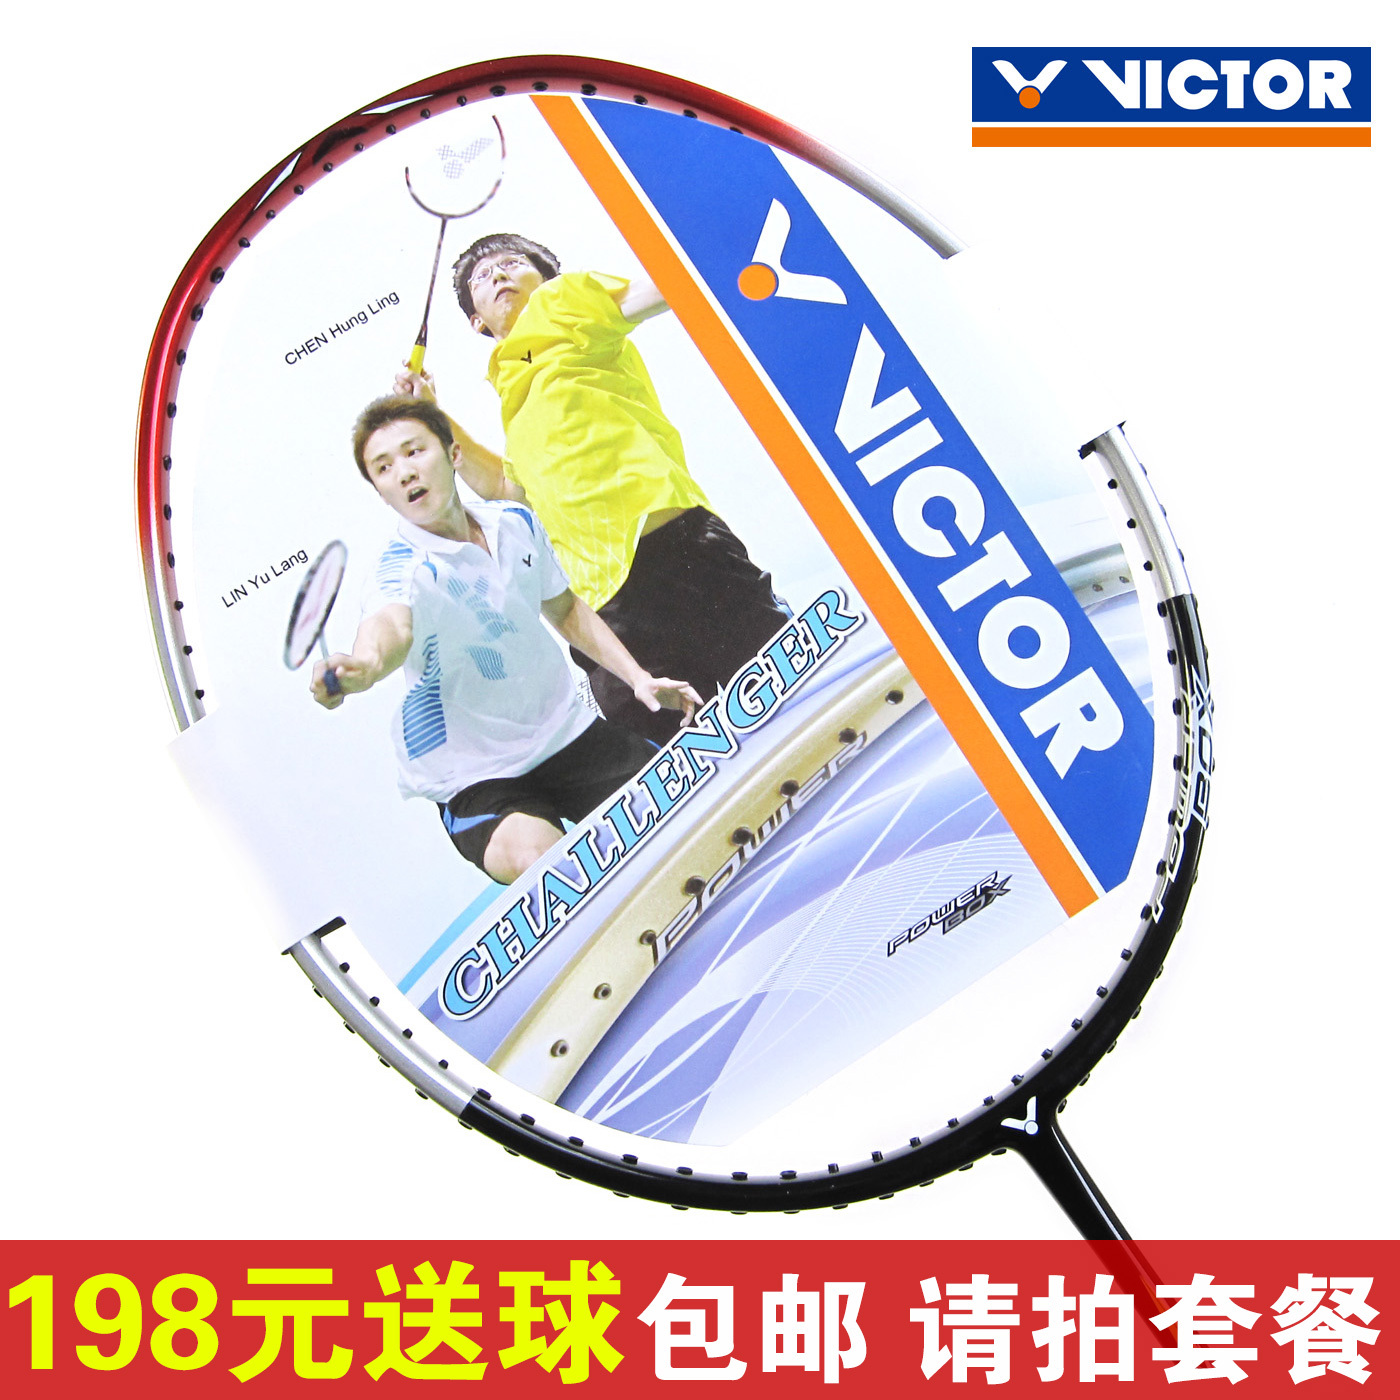 羽毛球拍 全碳素 正品特价胜利/VICTOR挑战者系列可拉高磅 羽毛拍